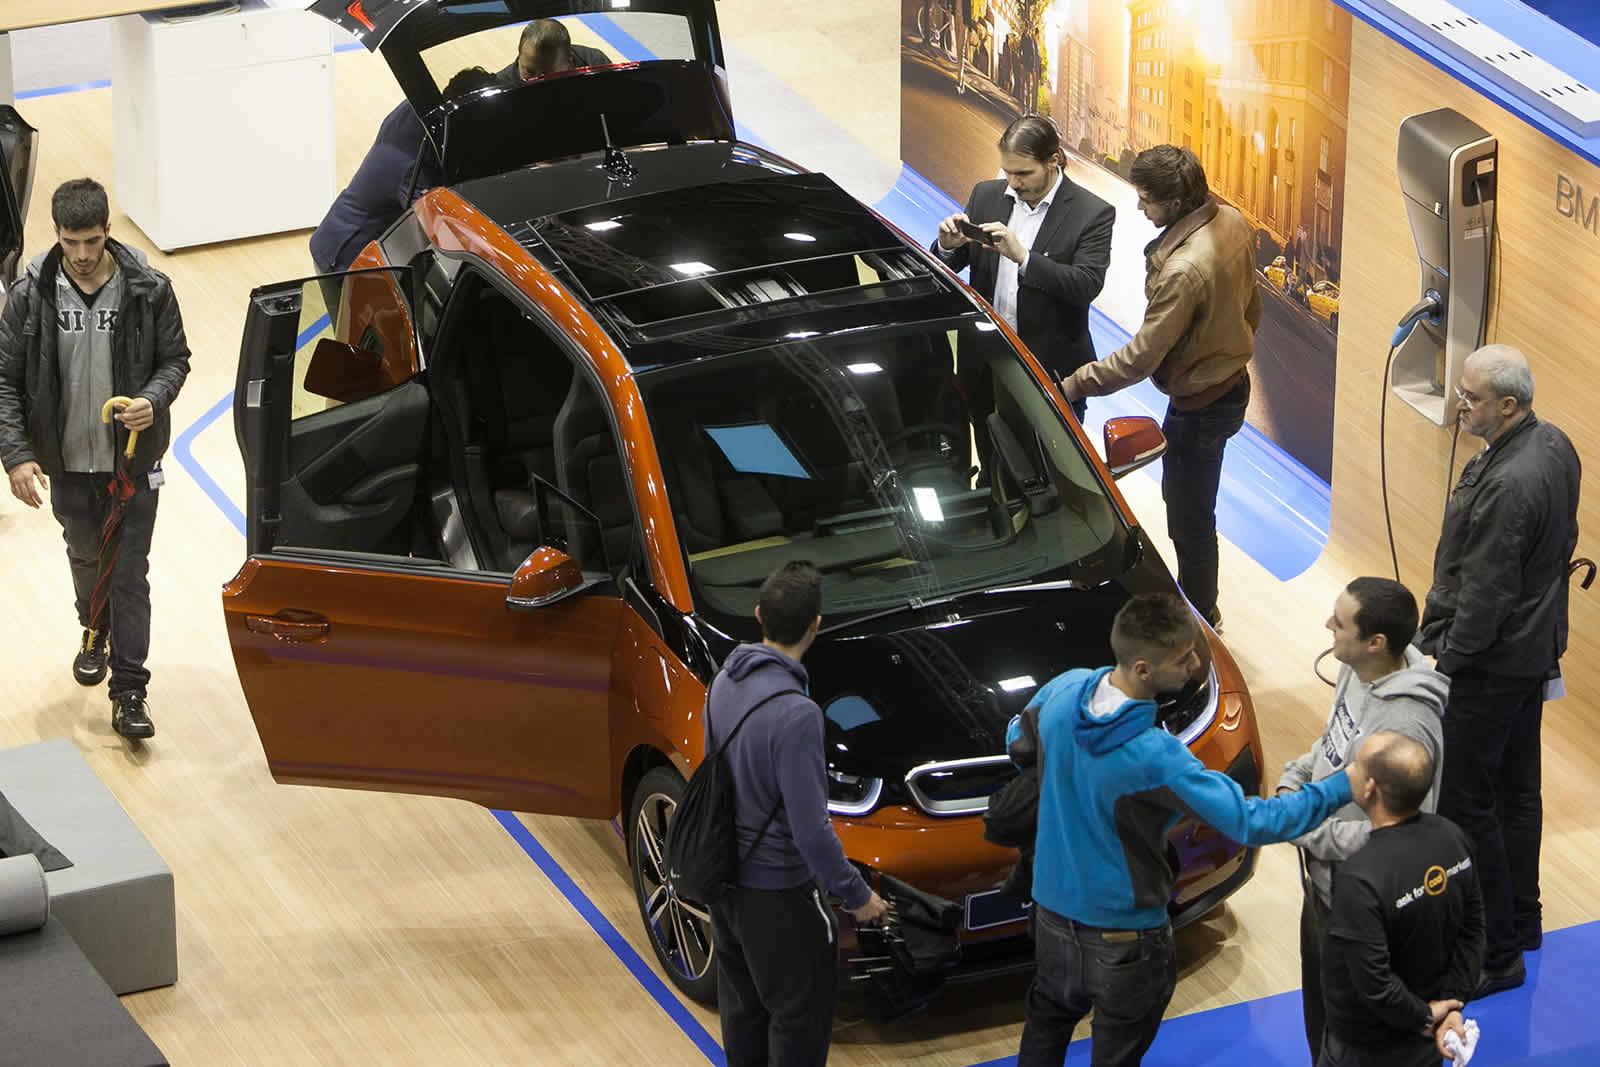 Un des plus importants événements sur le transport électrique au monde L'Electric Vehicle Symposium tiendra sa 29e édition à Montréal